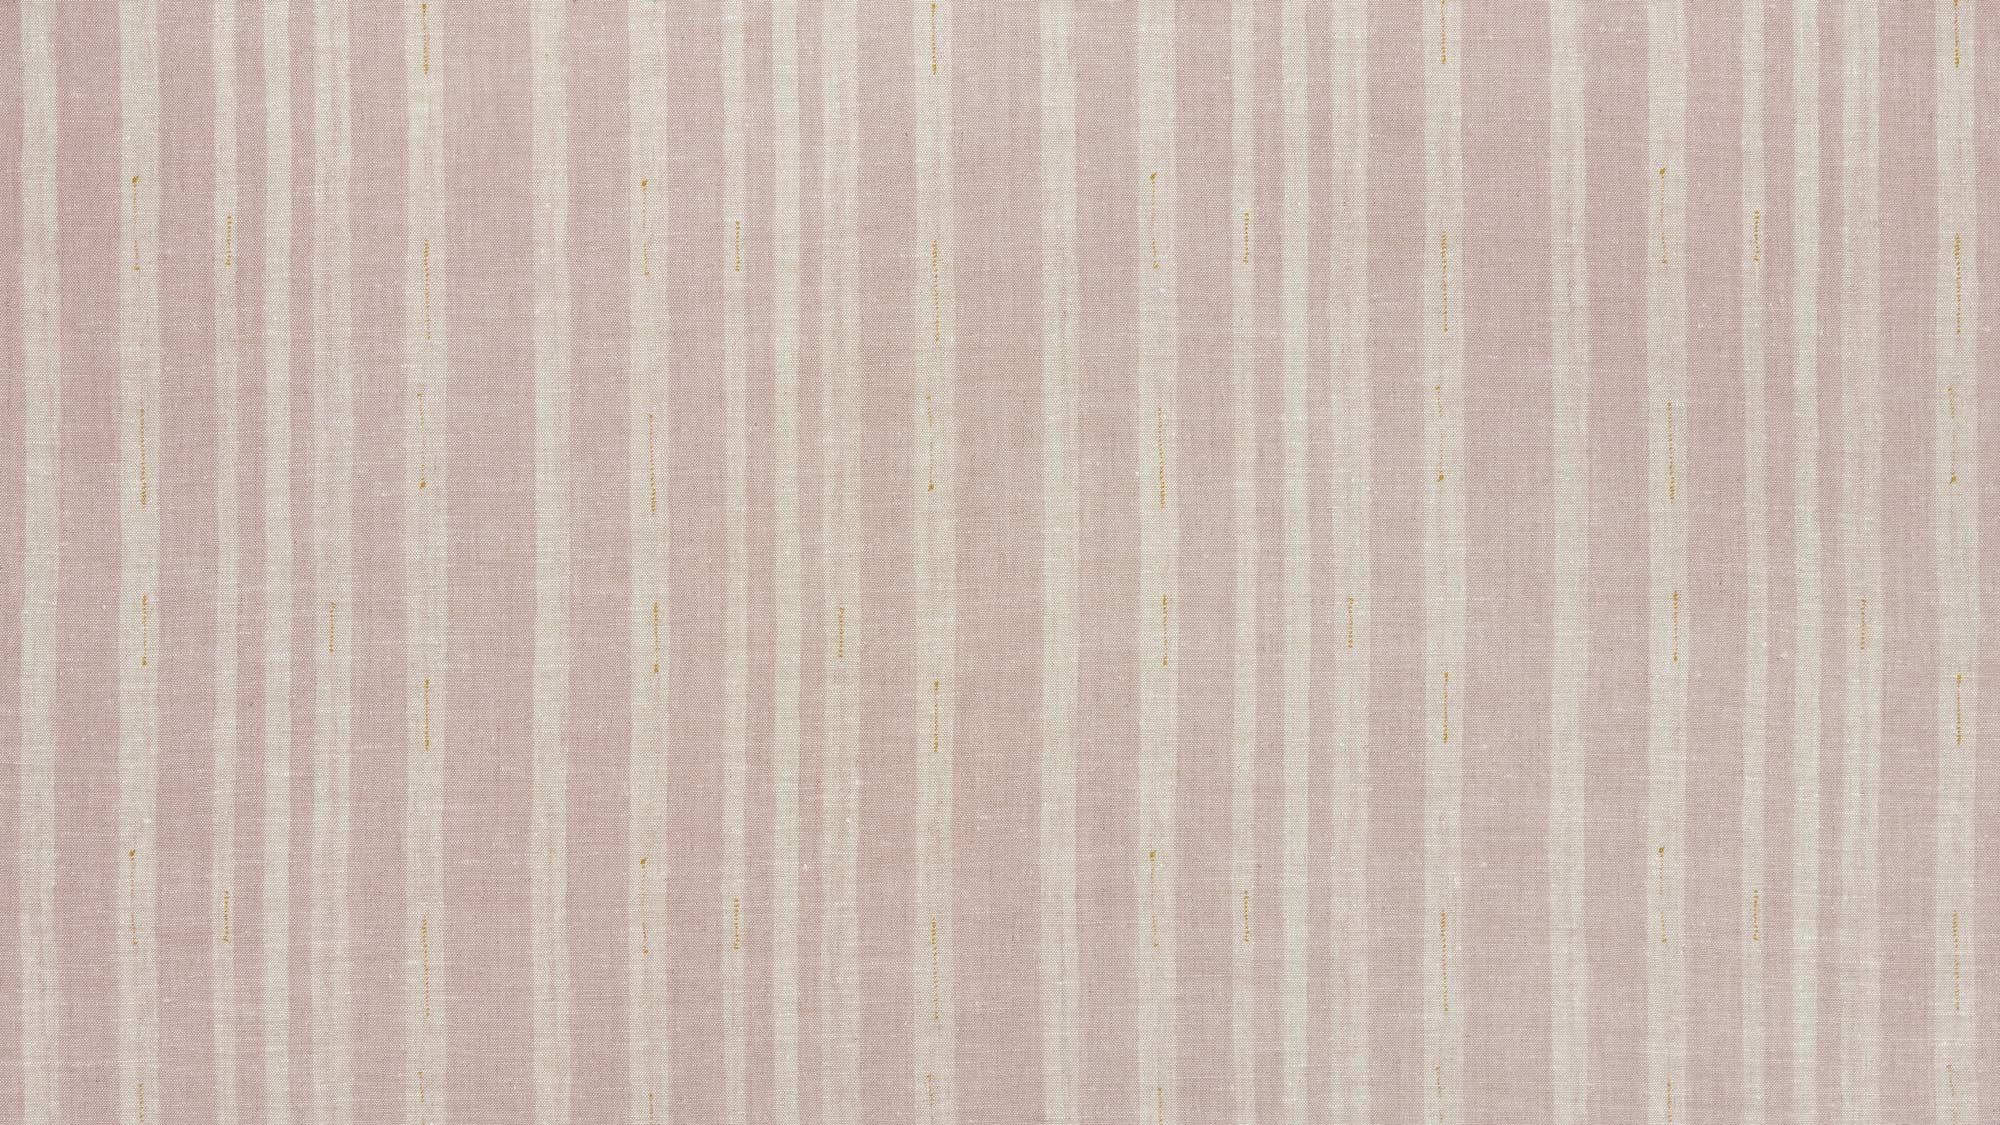 Clay_McLaurin_Studio_Drift_Lavender_web.jpg